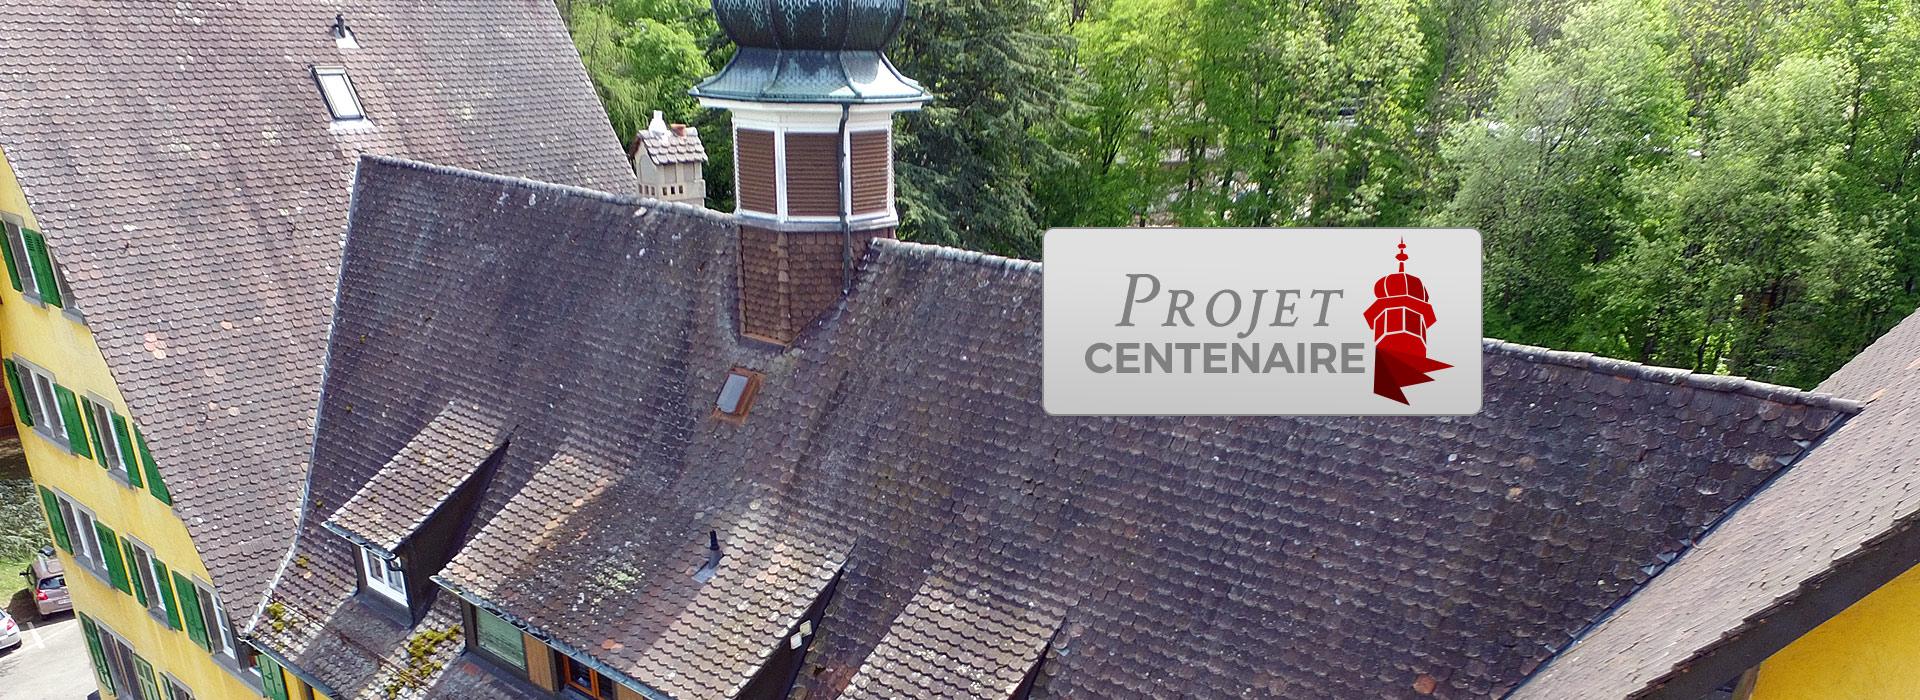 Projet Centenaire : Aide dans la renovation de l'IBG pour les prochaines générations !